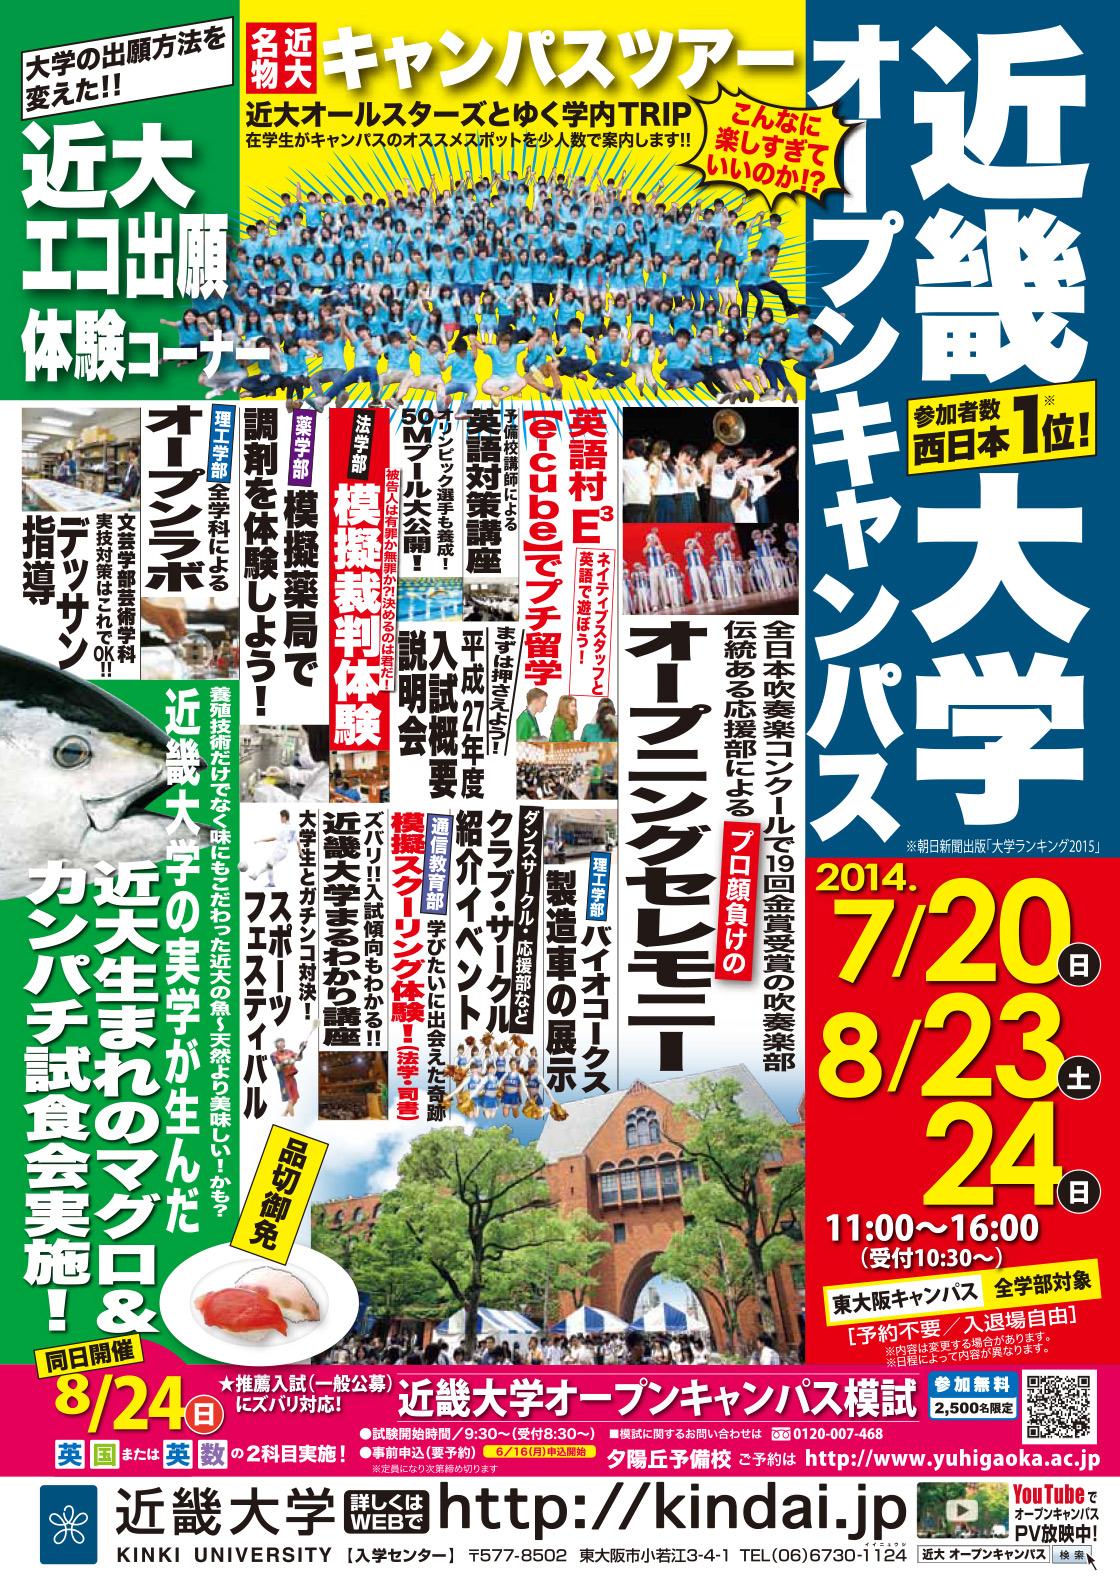 西日本最大級!! 8/23(土)・24(日)近畿大学オープンキャンパス2014開催!